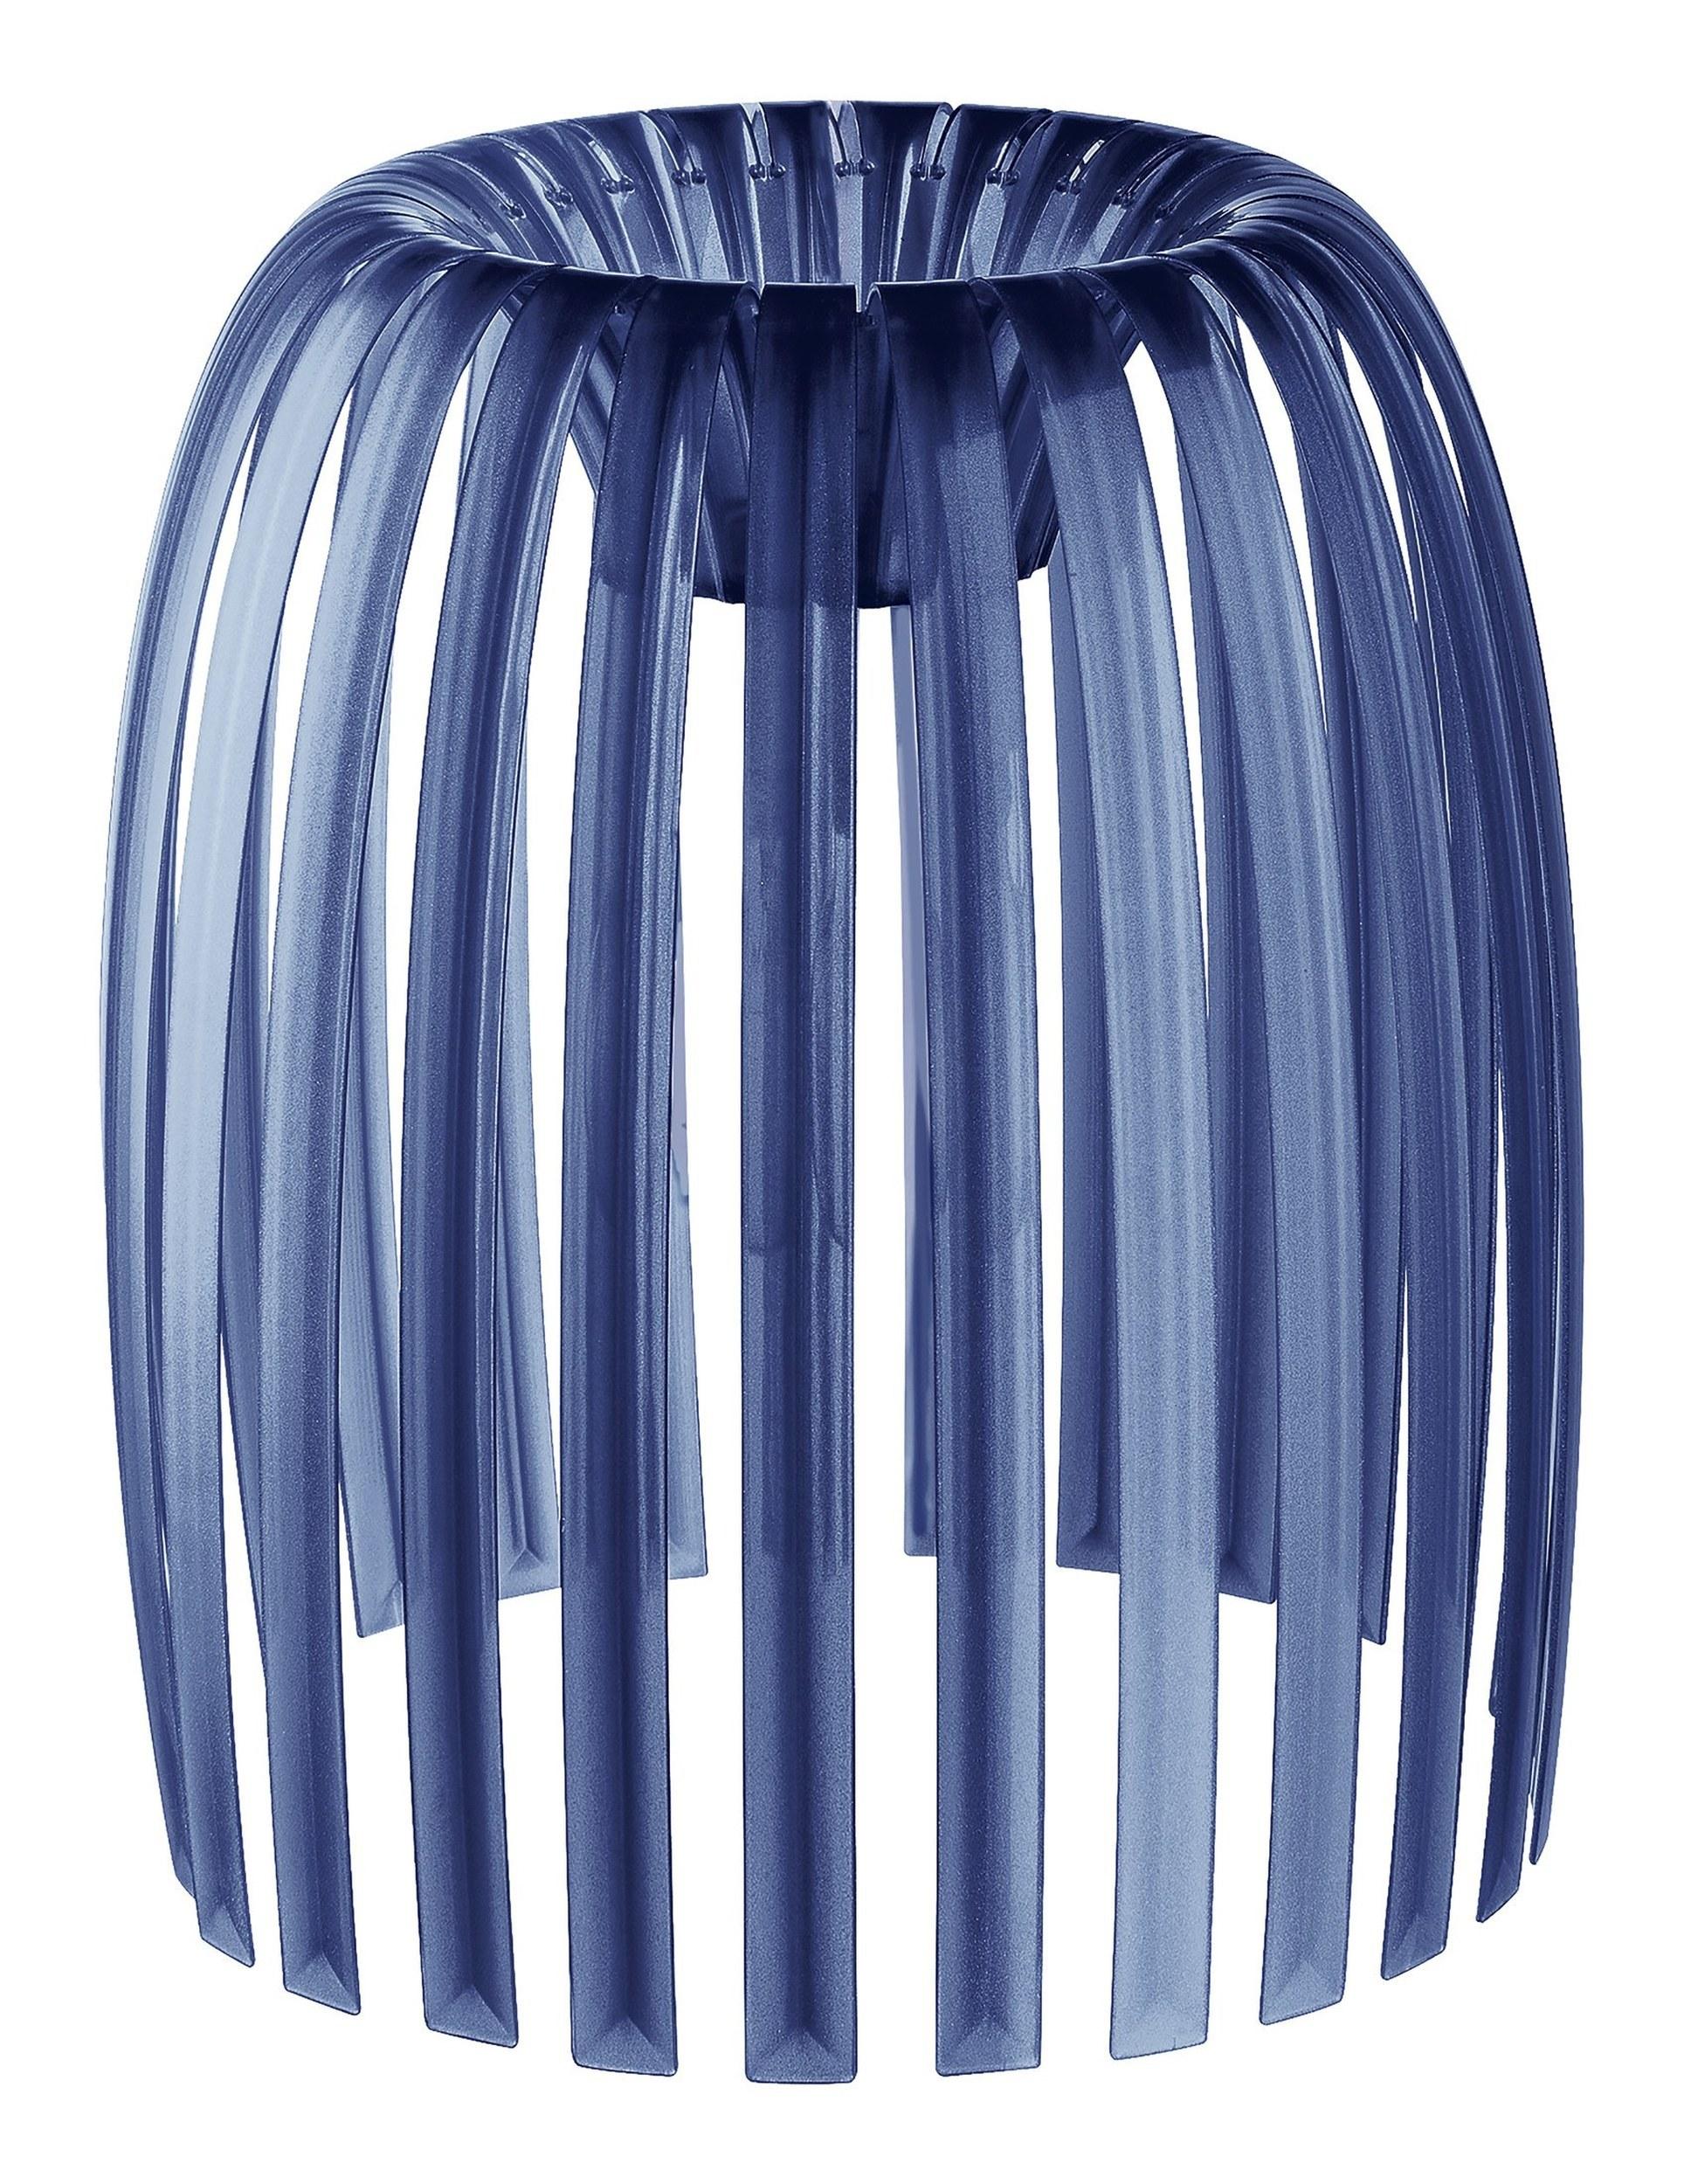 Lampa Josephine M 2.0 przezroczysta welwetowy błękit